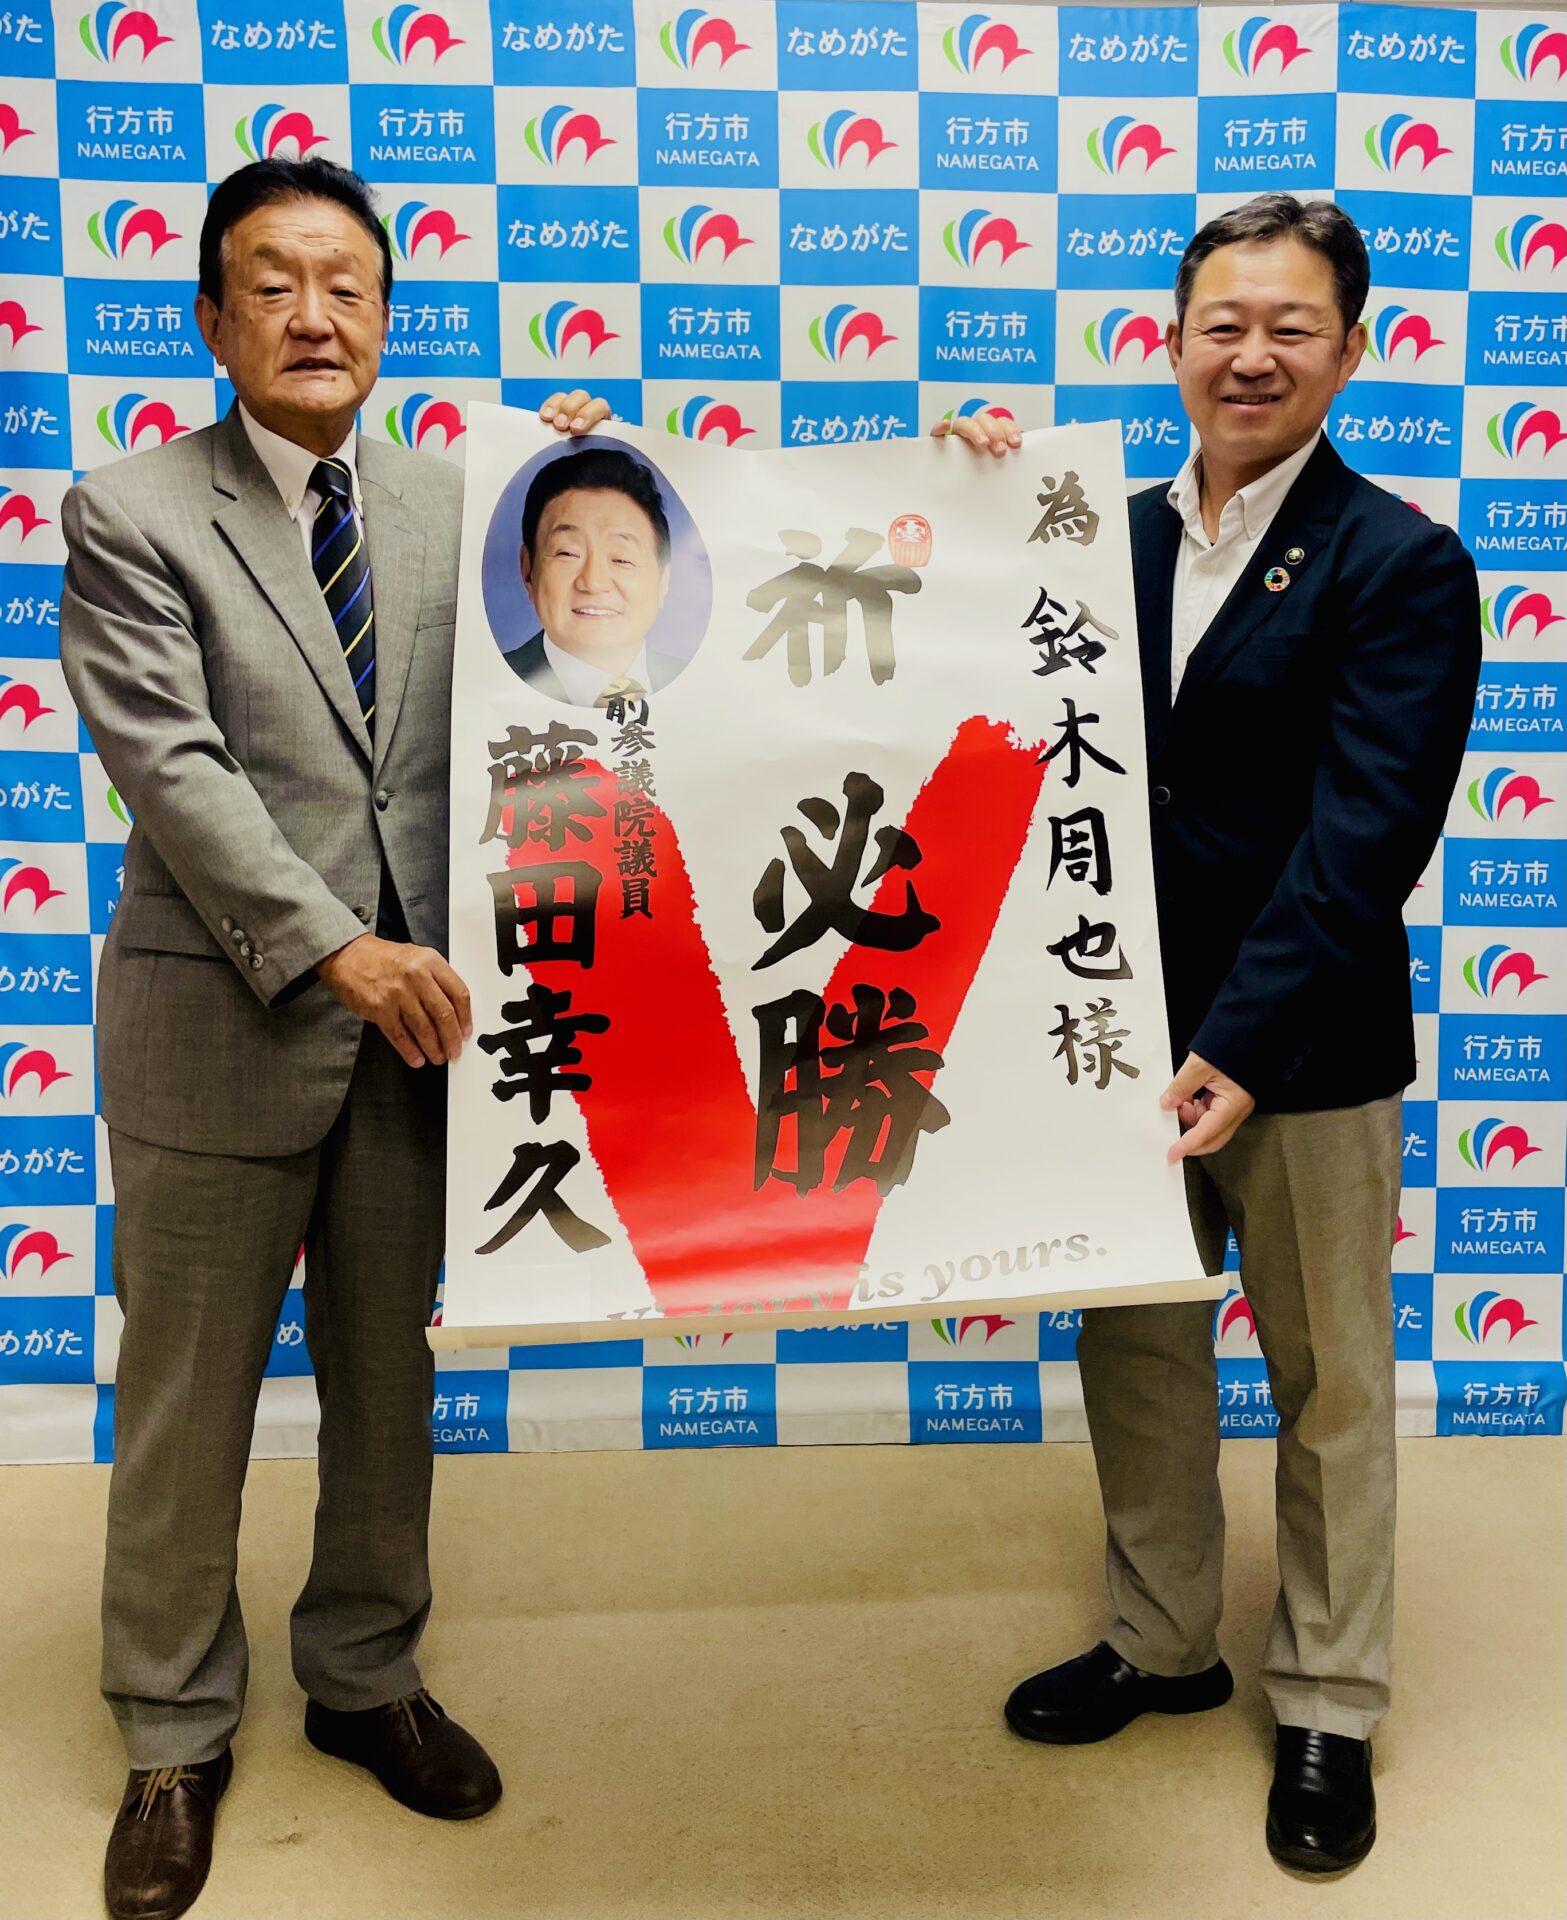 行方市長選鈴木周也候補の応援